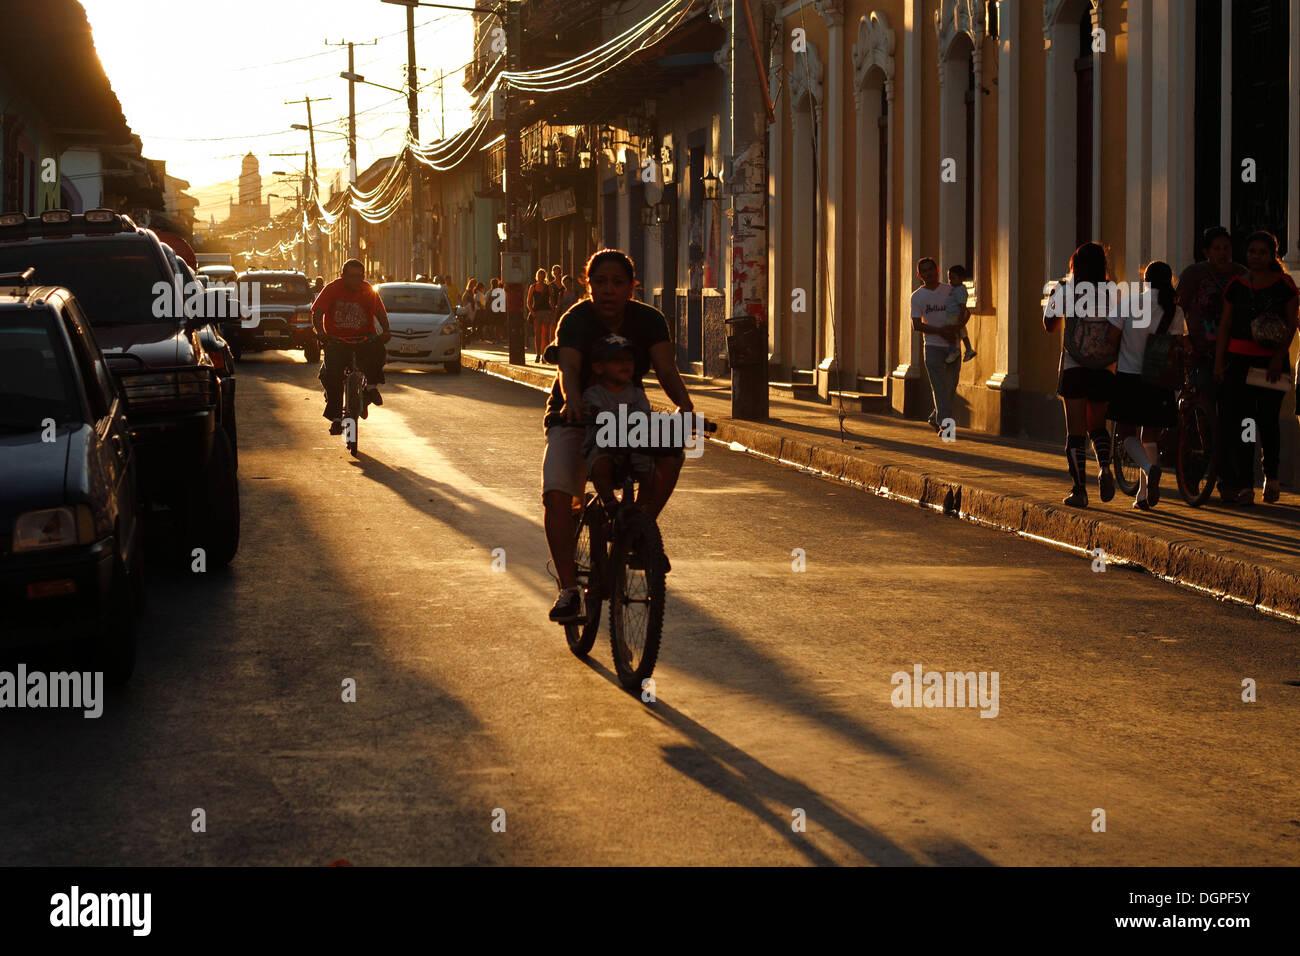 Sonnenuntergang auf den Straßen von Granada, Nicaragua. Stockfoto